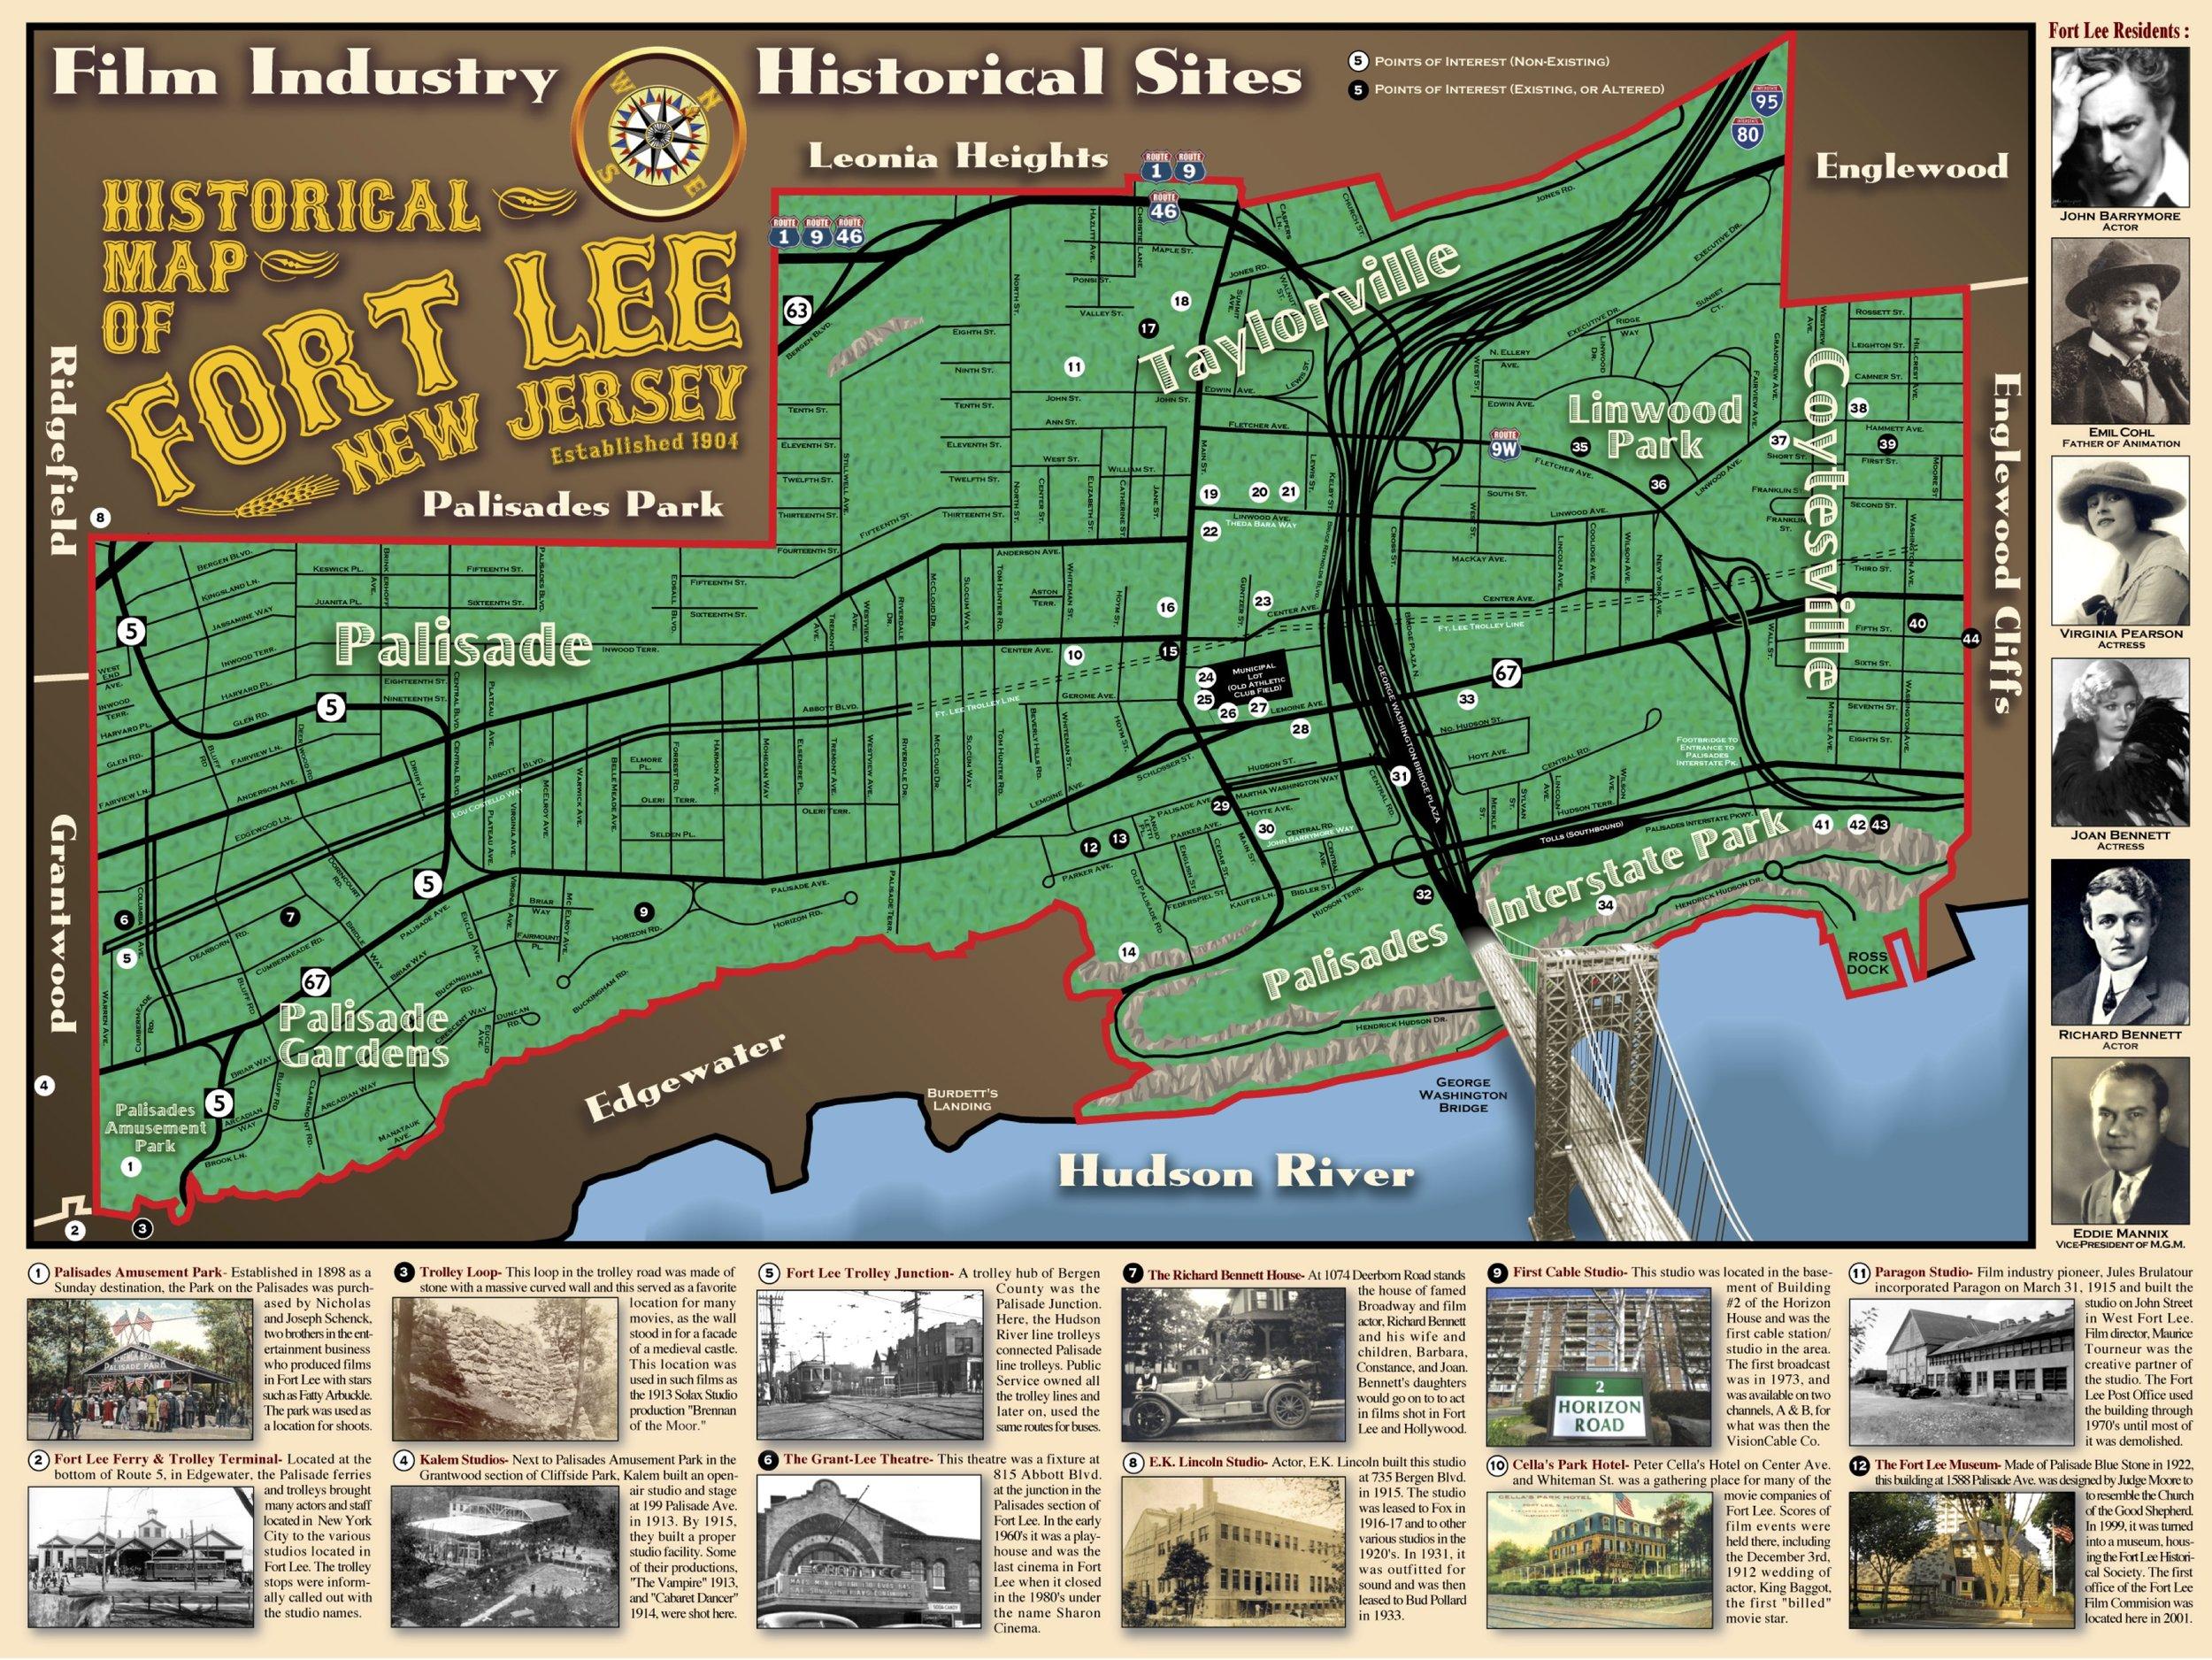 FortLeehistoricalmap_page1.jpg